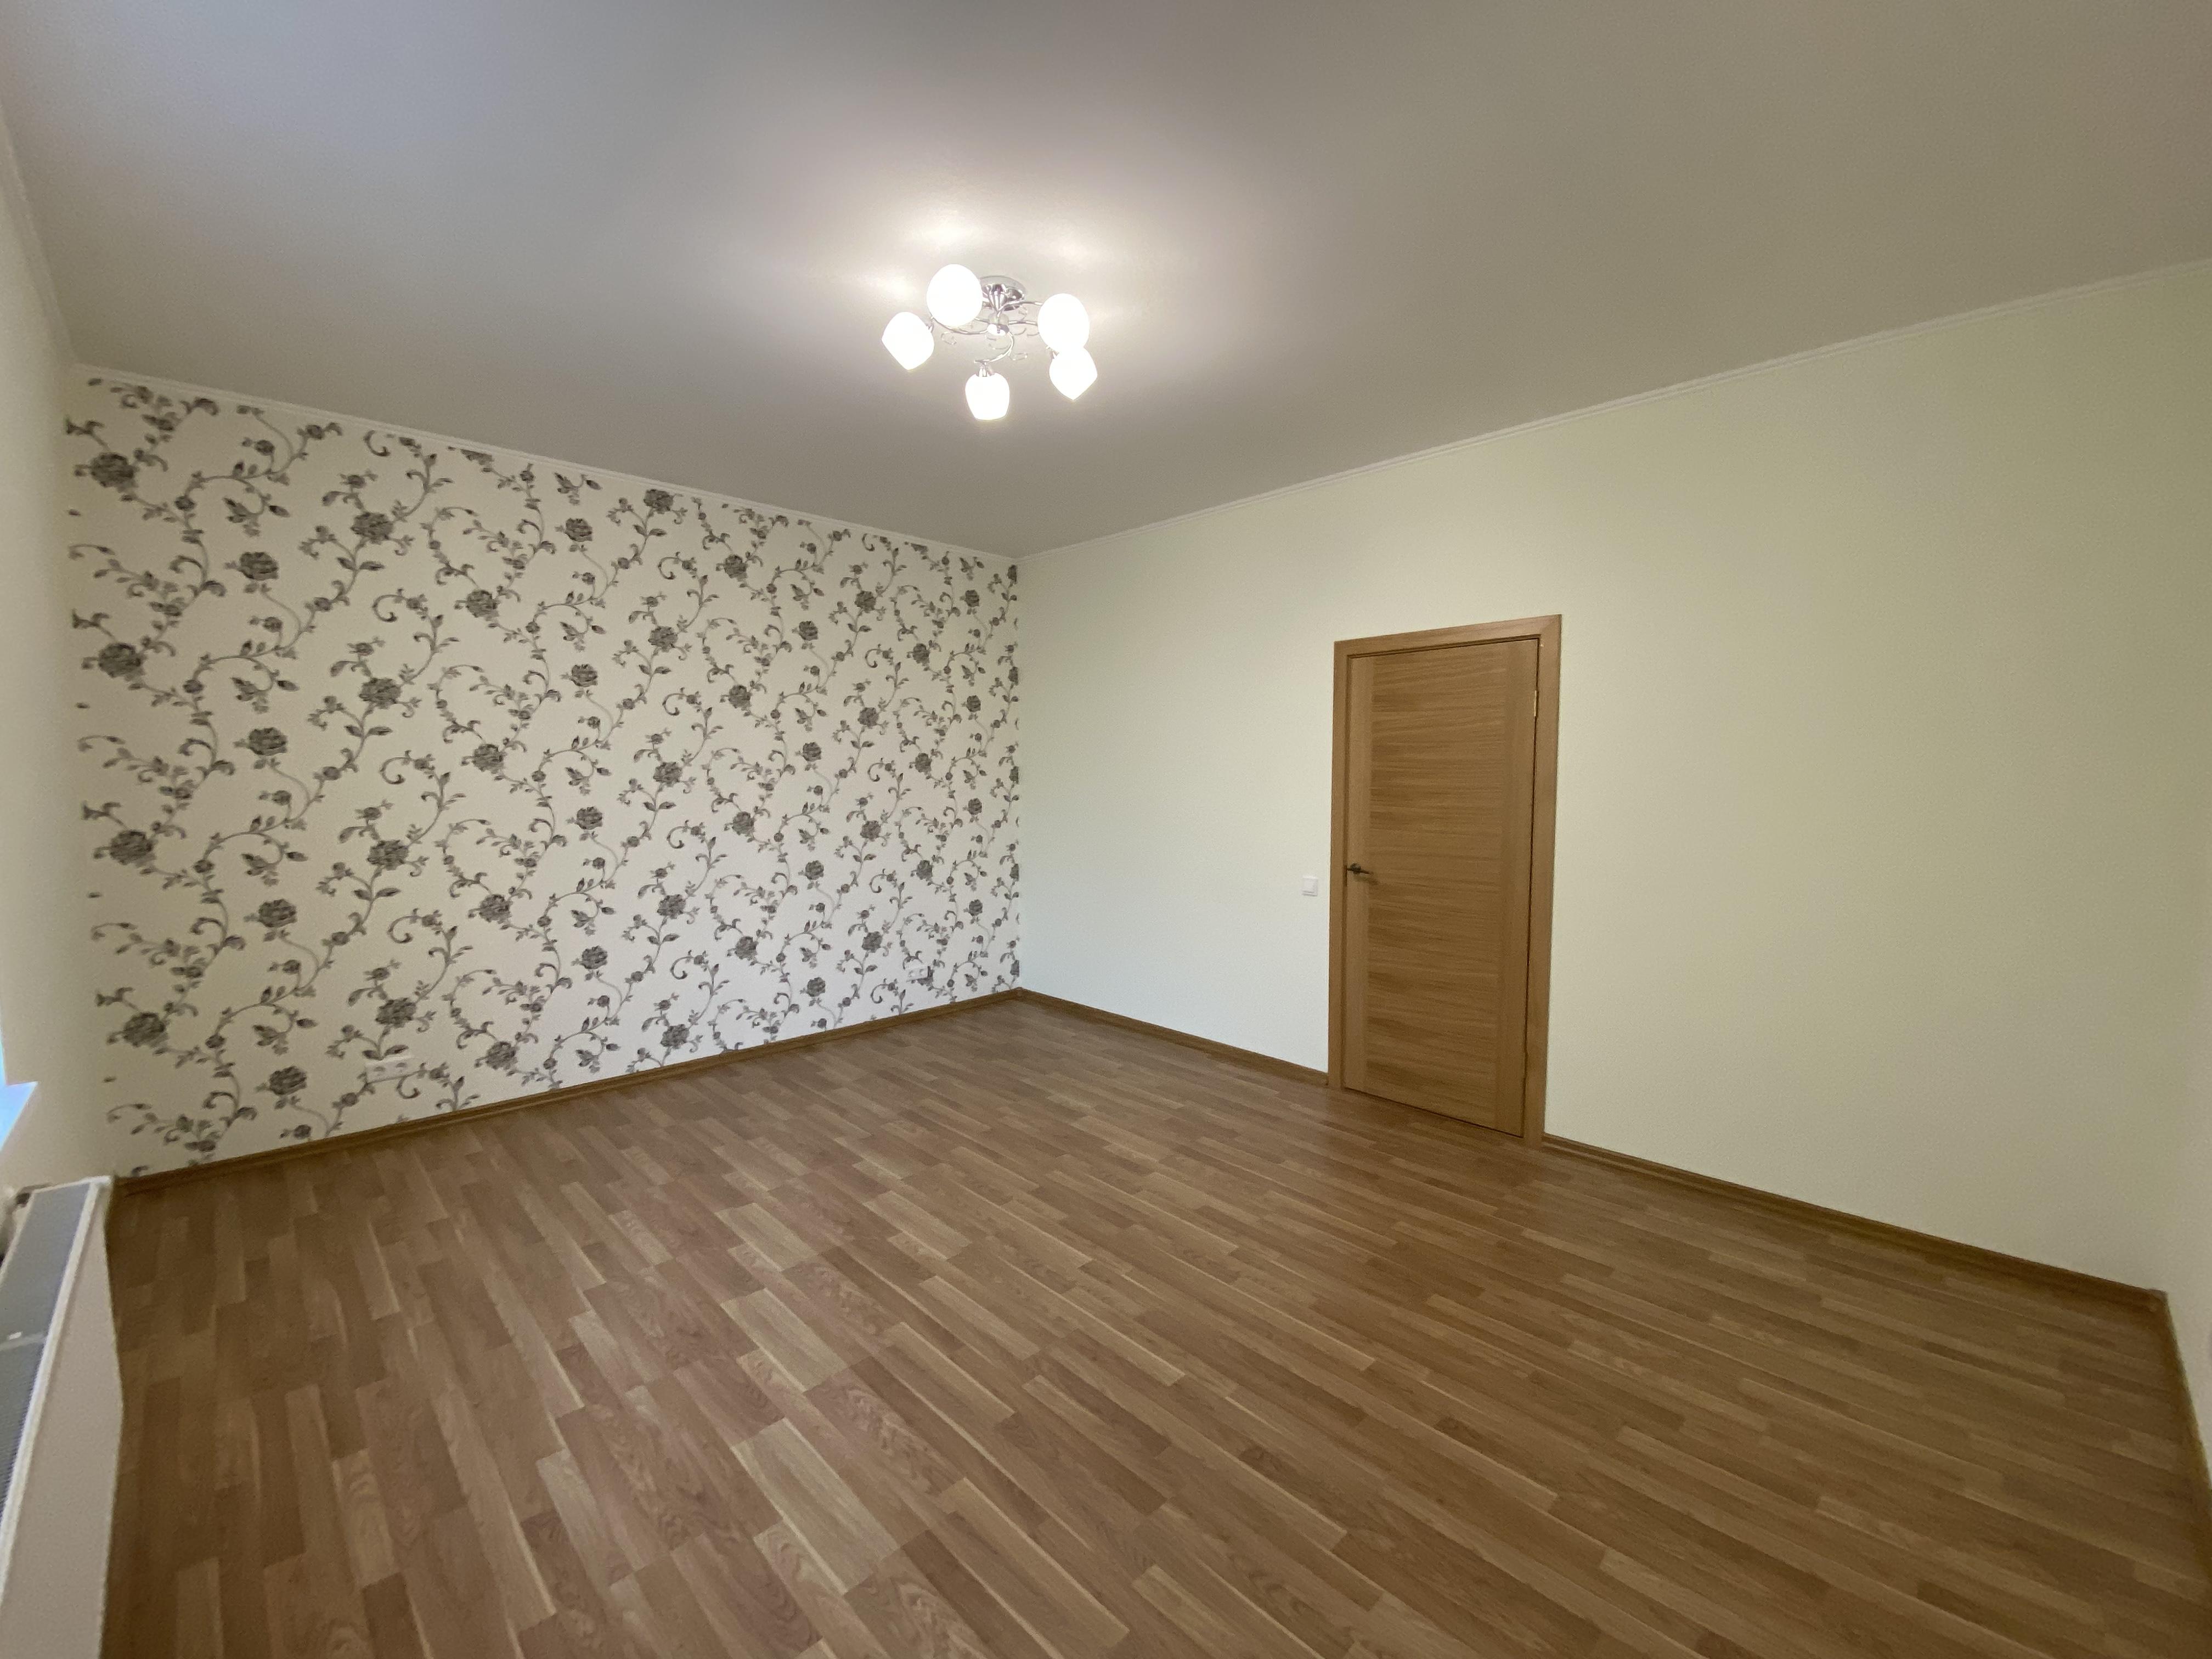 Pārdod dzīvokli, Viestura prospekts iela 85 - Attēls 1